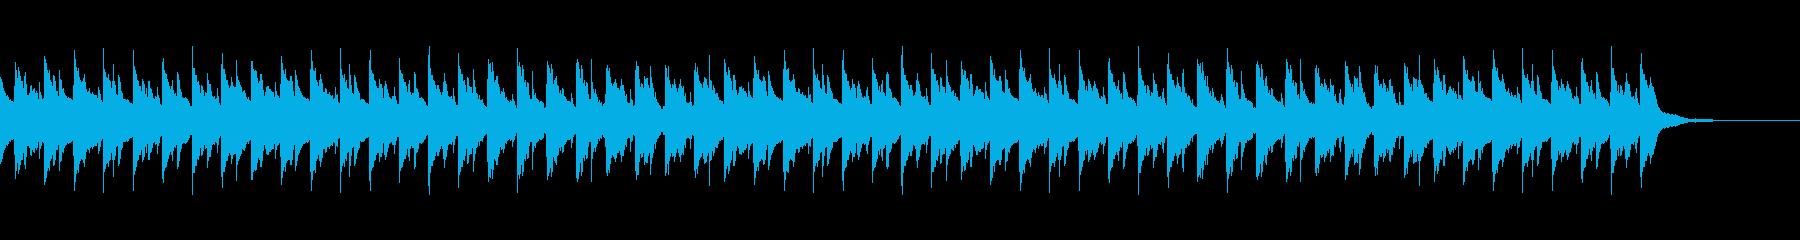 愉快な汎用ピアノ伴奏の再生済みの波形